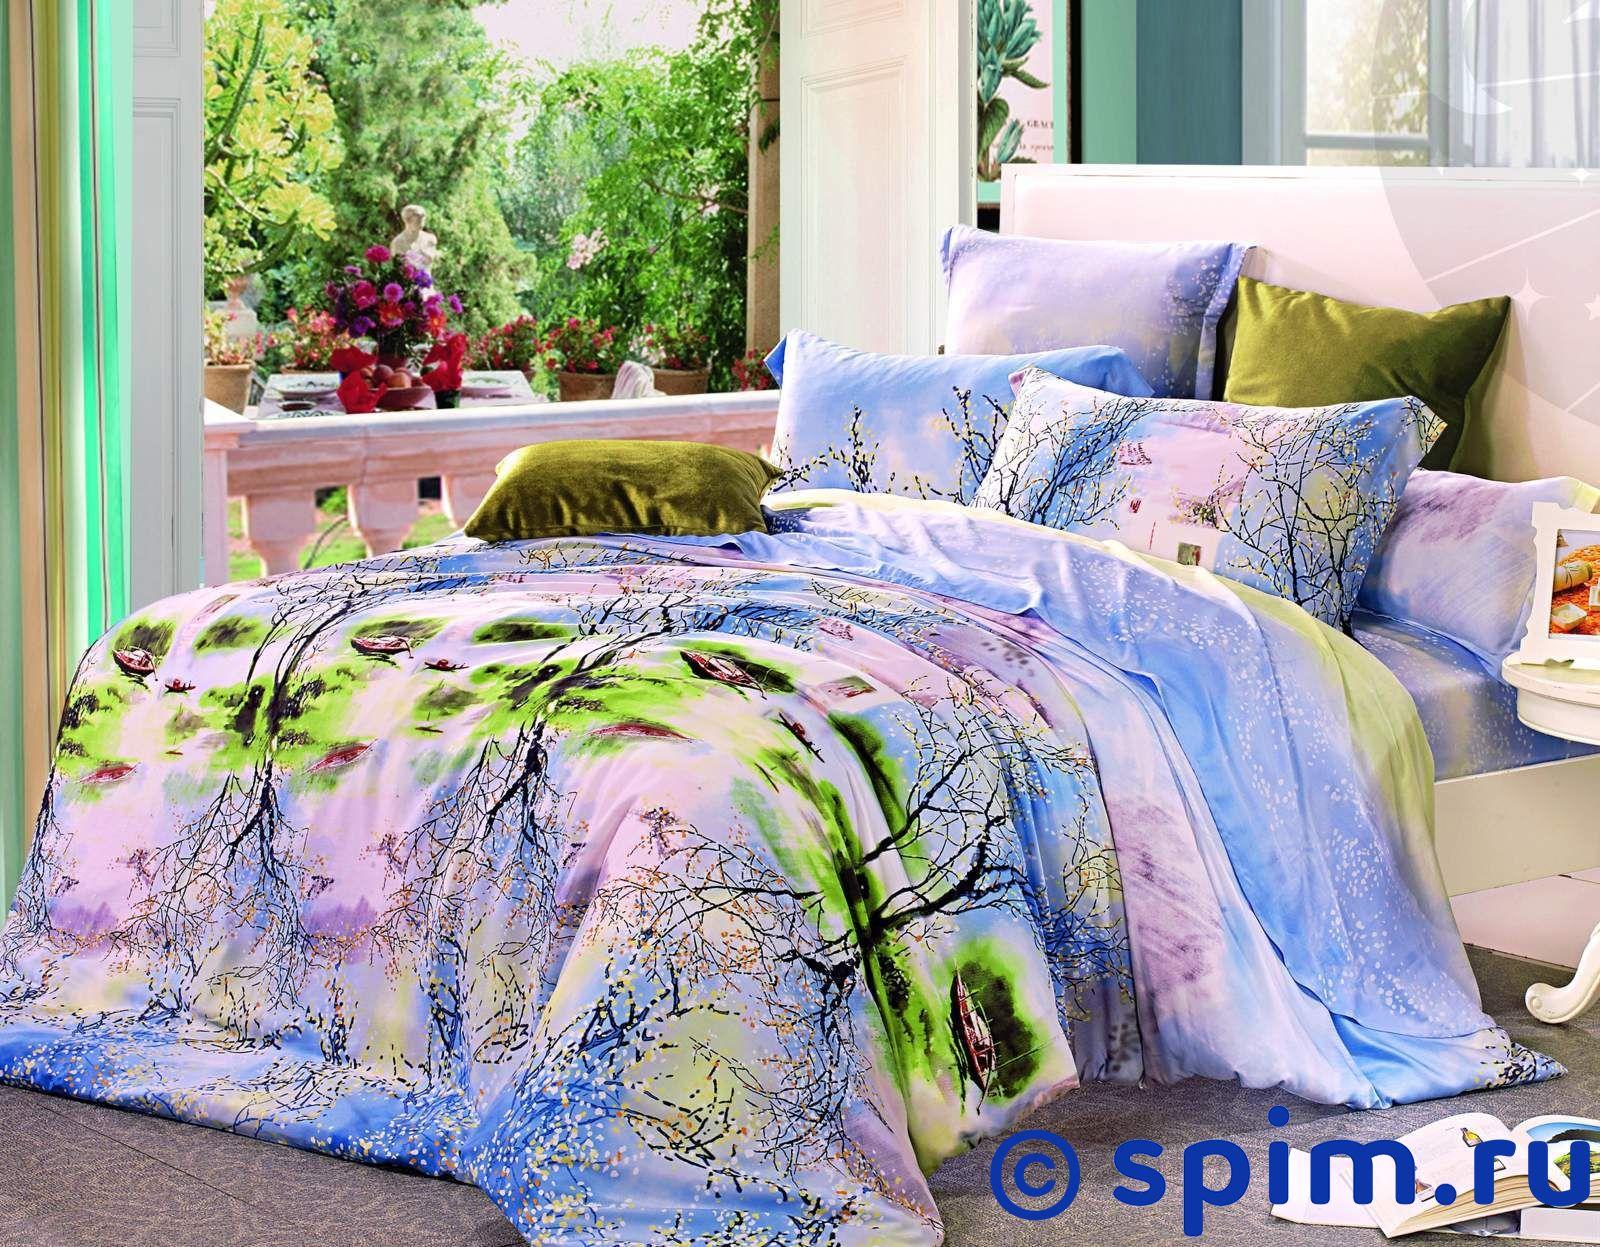 Комплект СайлиД E52 2 спальное